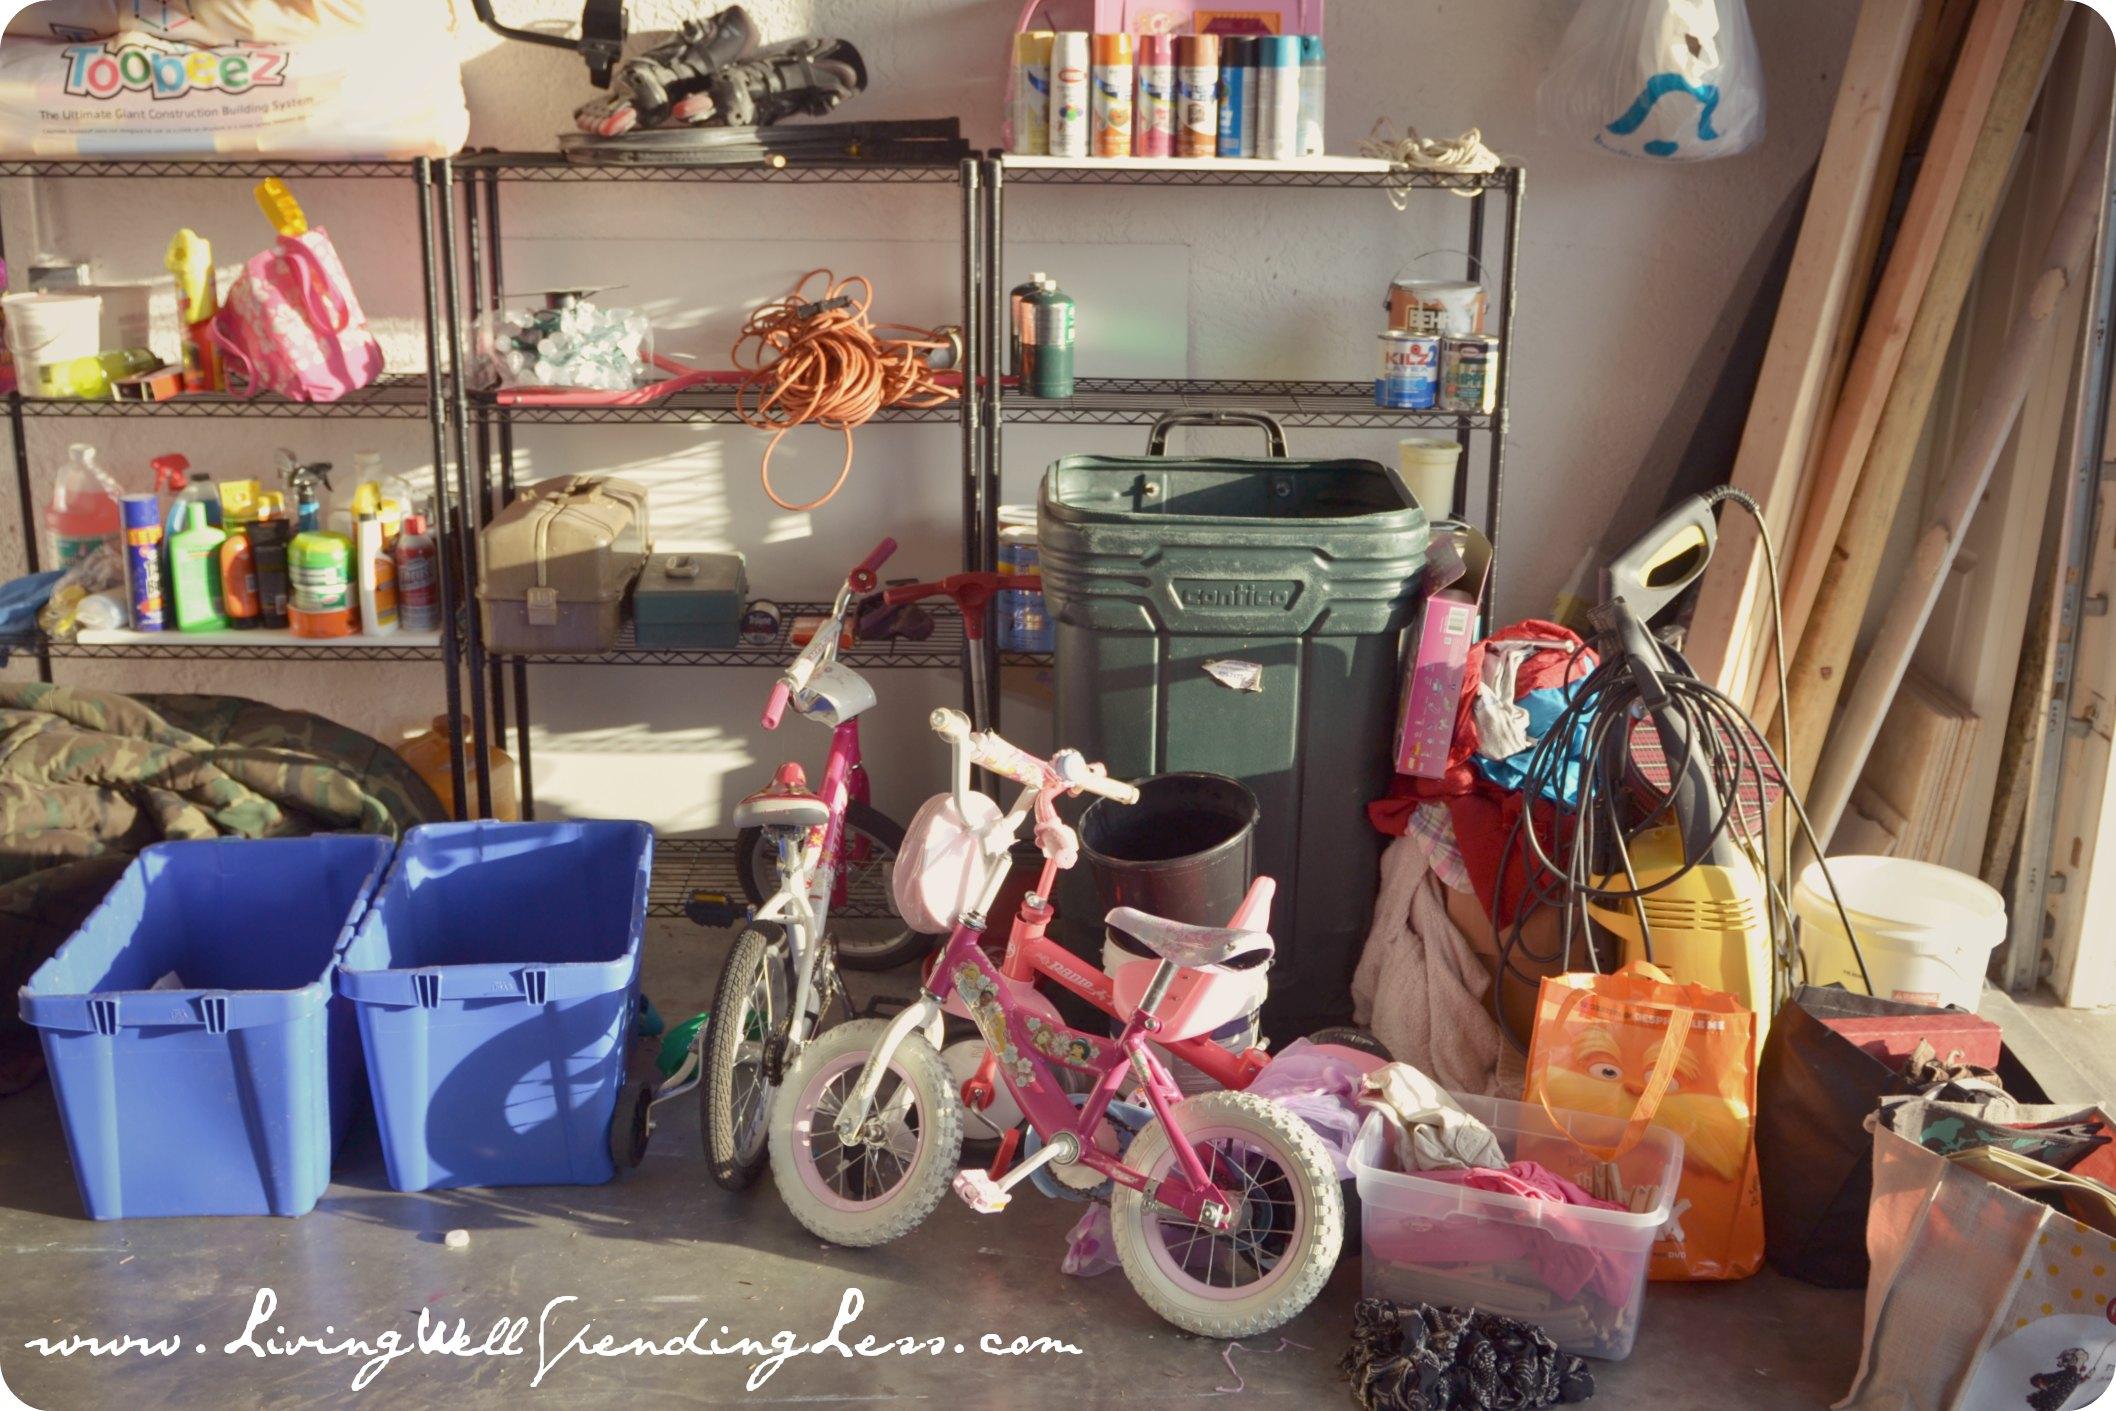 garage clutter living well spending less